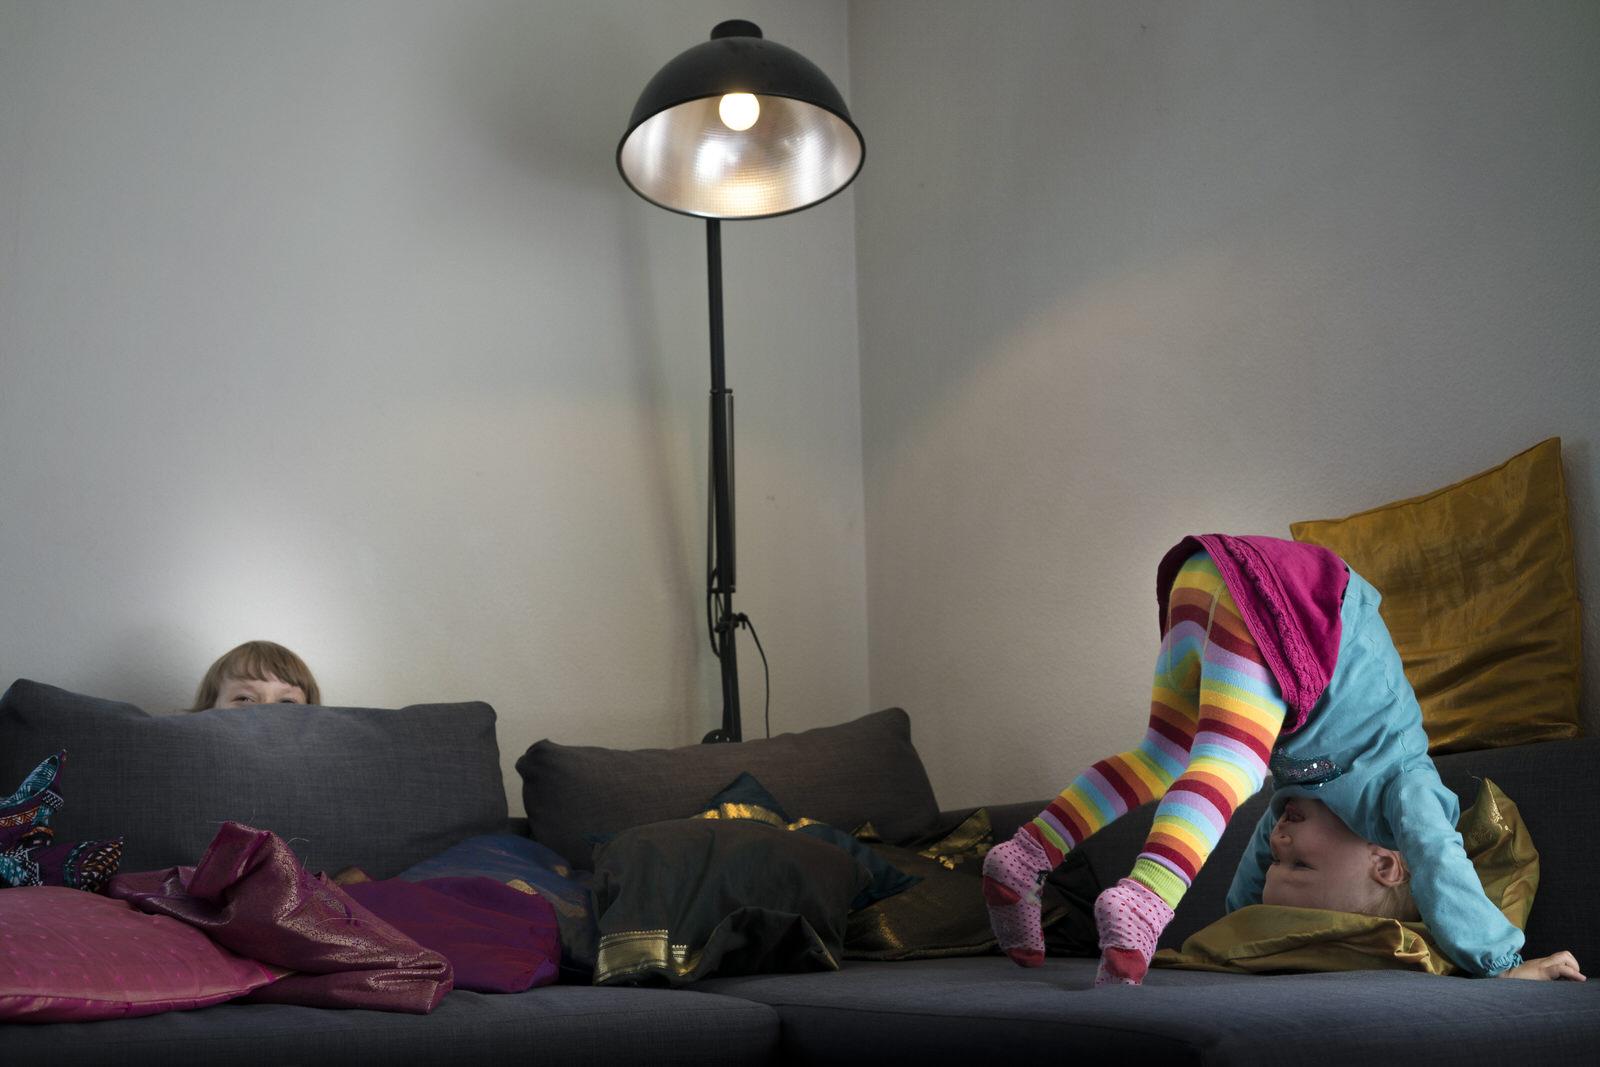 Turnende Mädchen | Familienfotografin Julia Erz